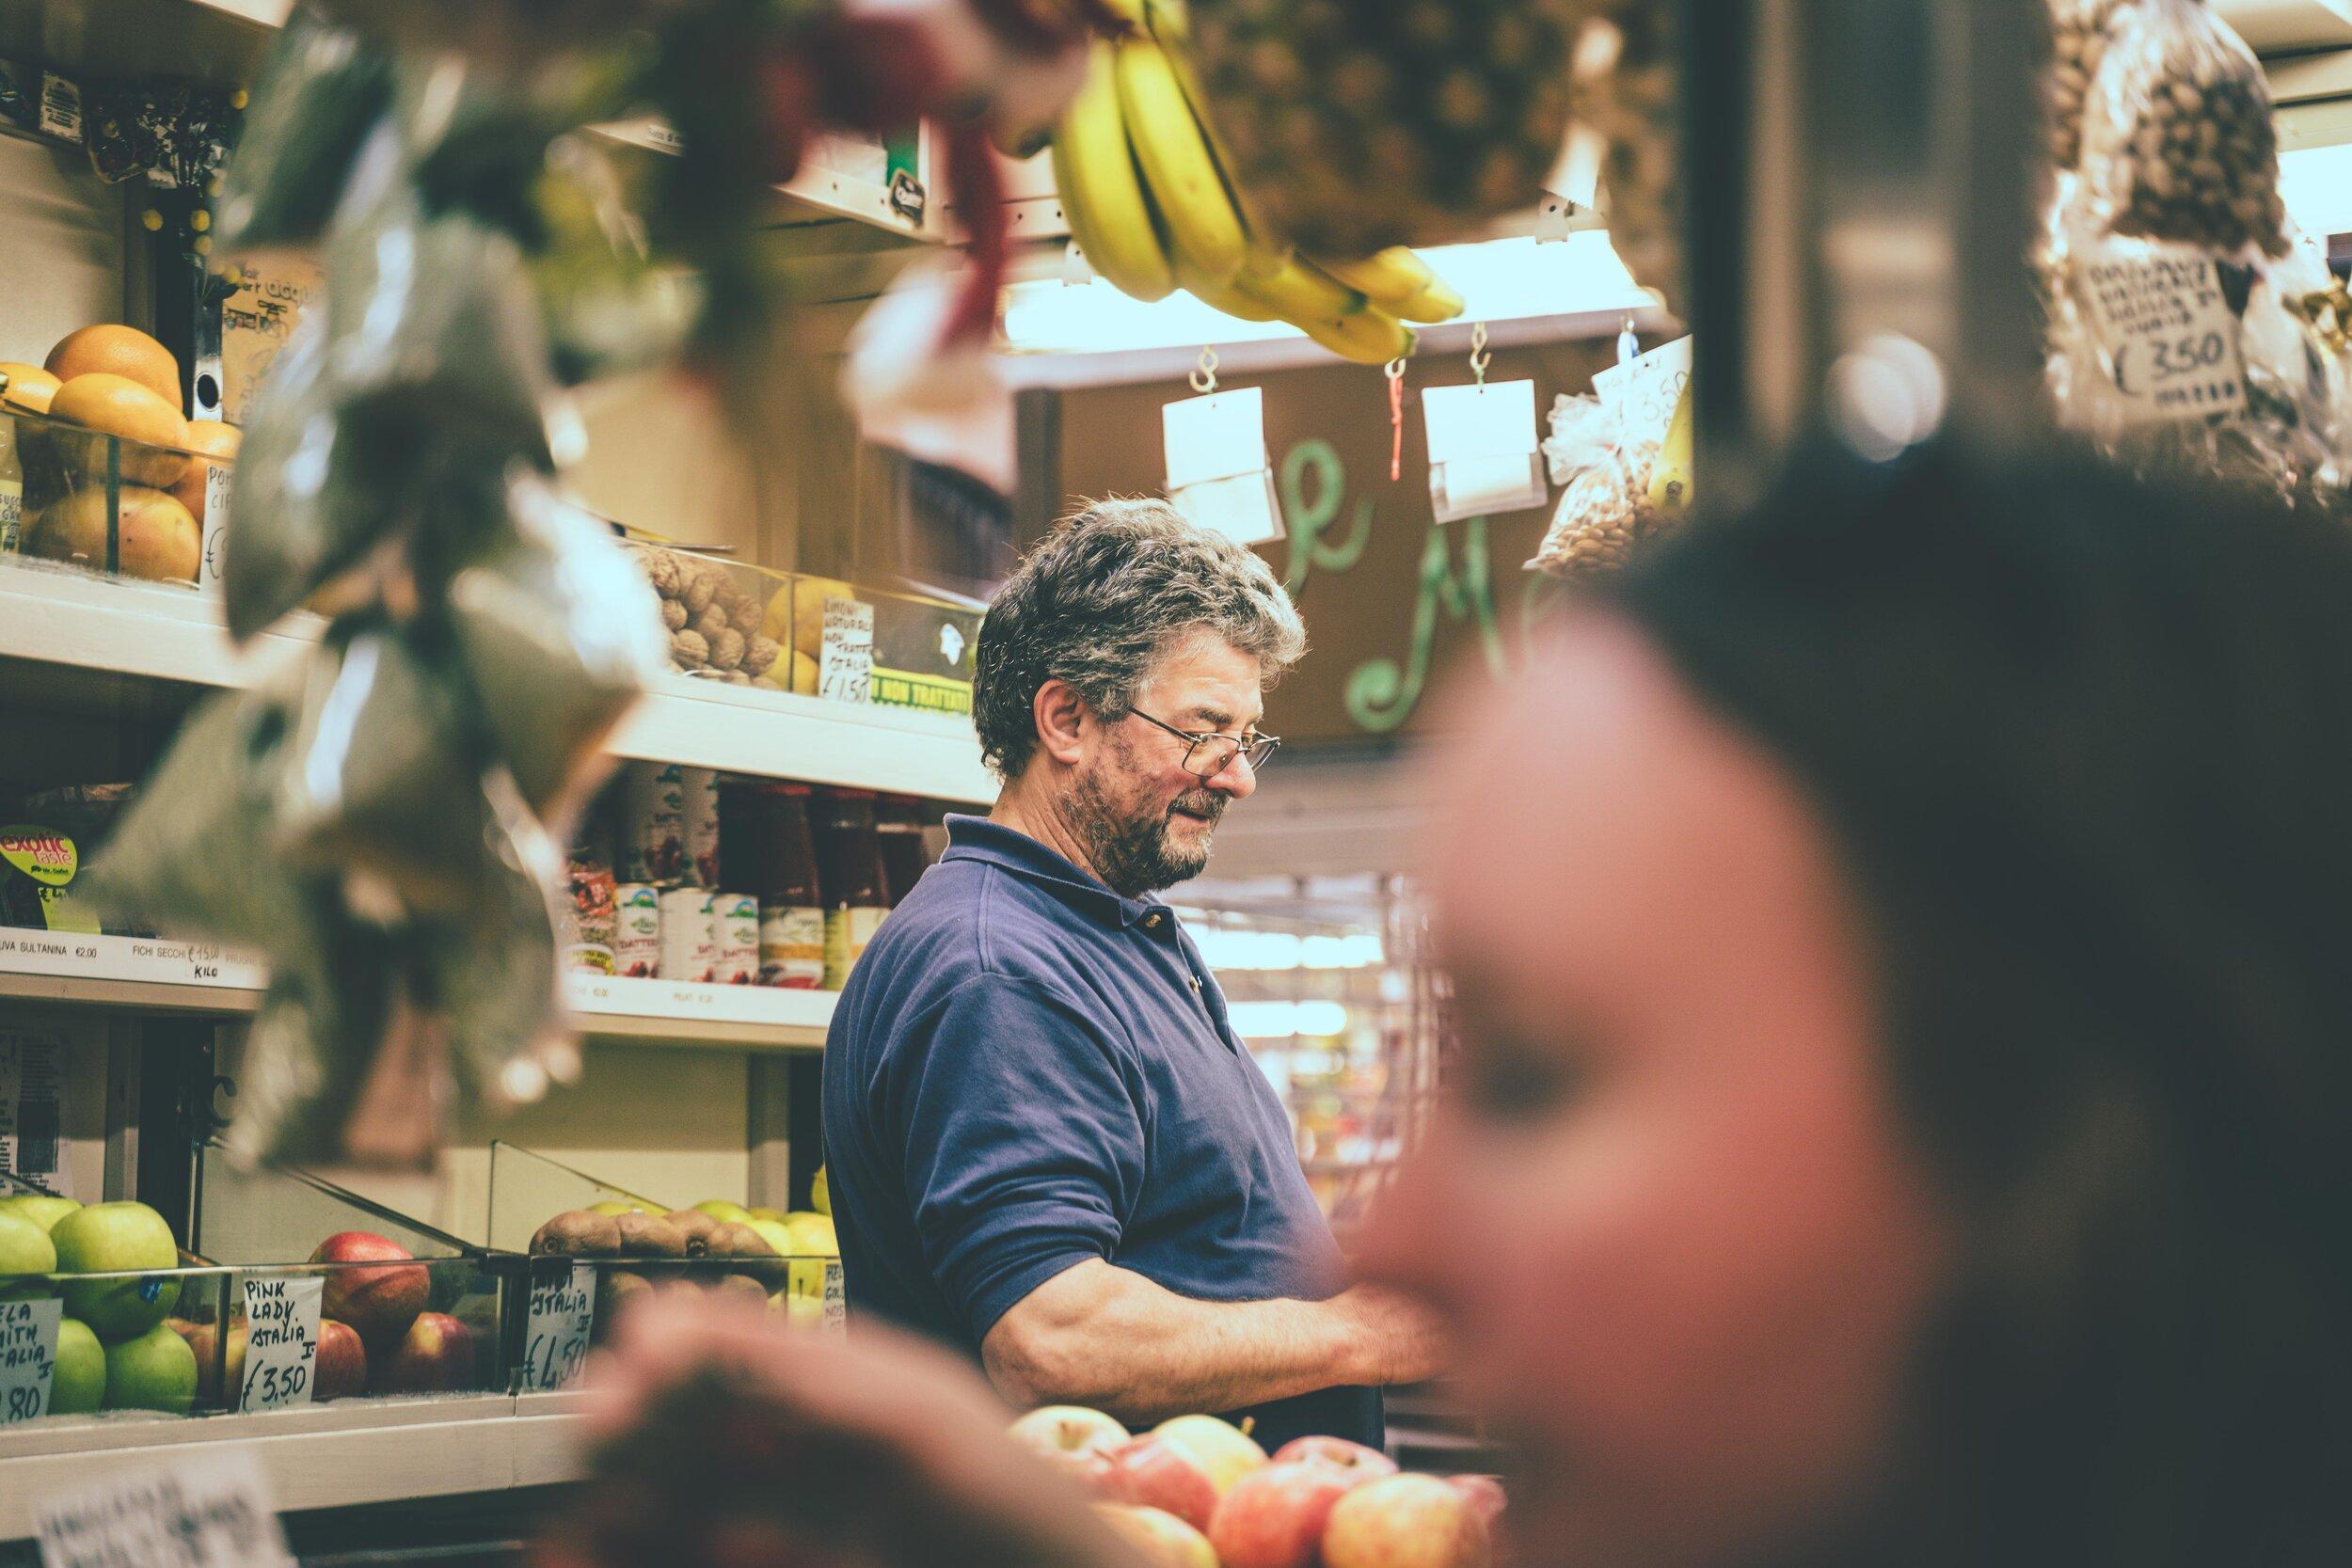 man selling frsh fruit.jpg